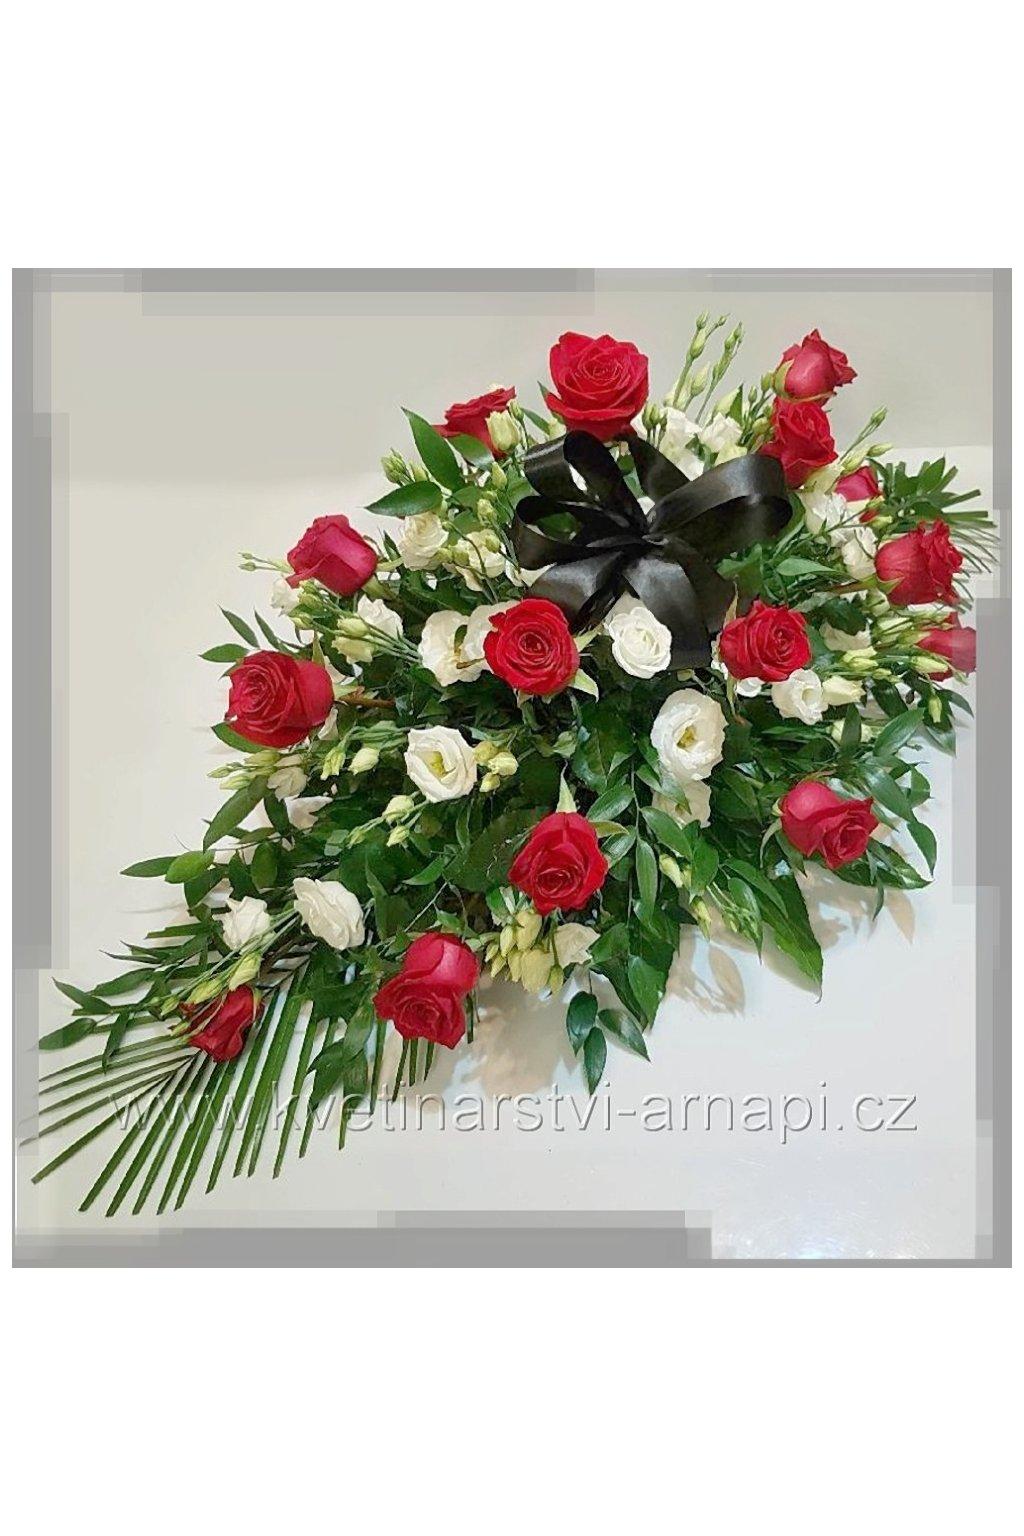 smutecni kytice vypichovana z eustomy ruzi kvetinarstvi arnapi rozvoz